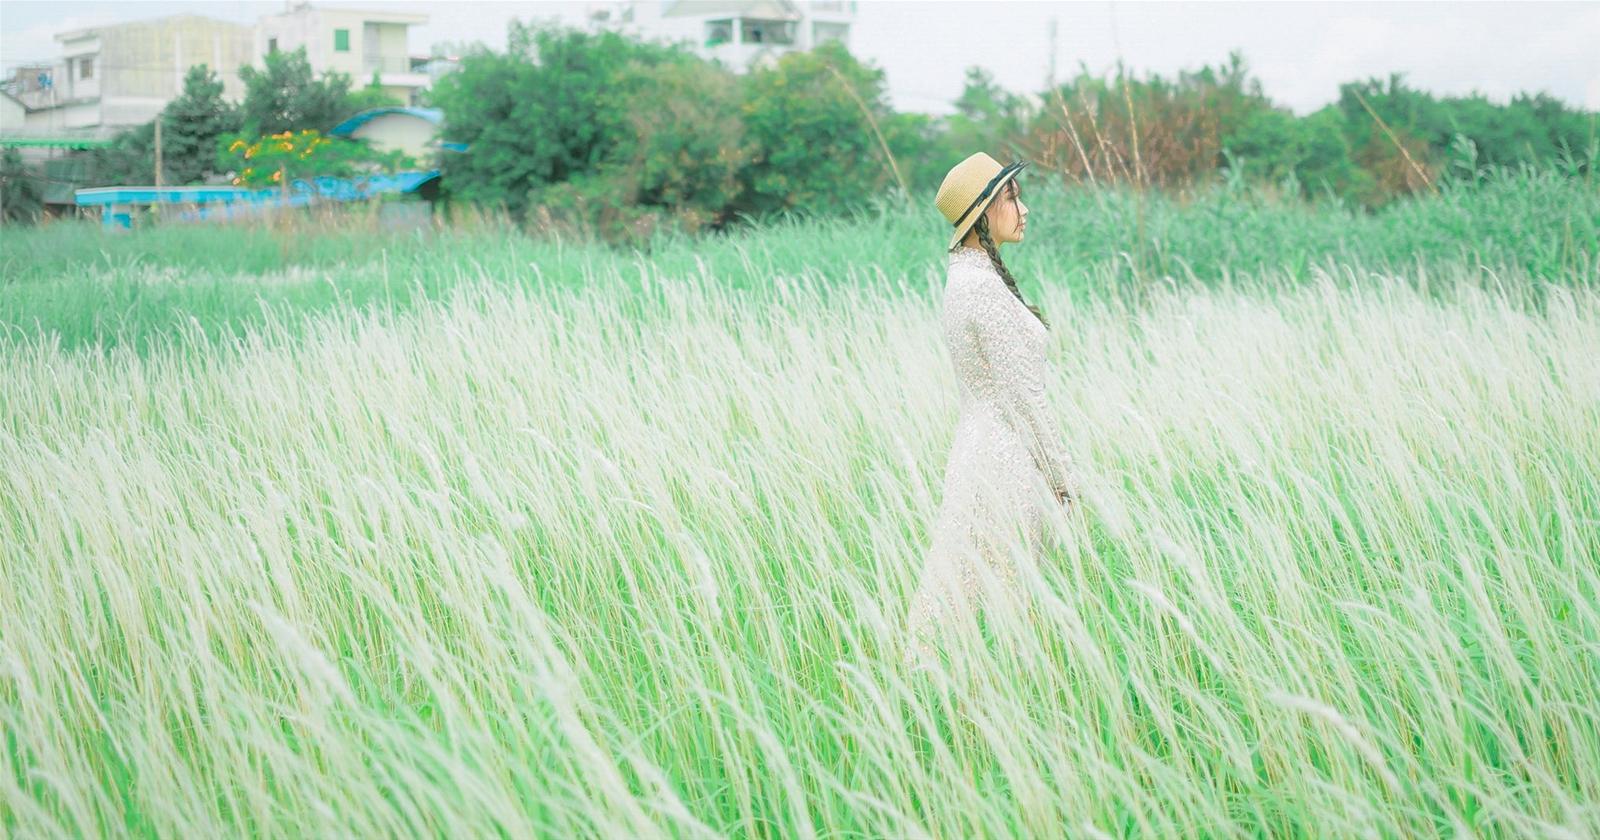 Cánh đồng cỏ lau quận 7 - Địa điểm chụp ảnh ngoại cảnh đẹp ở Sài Gòn